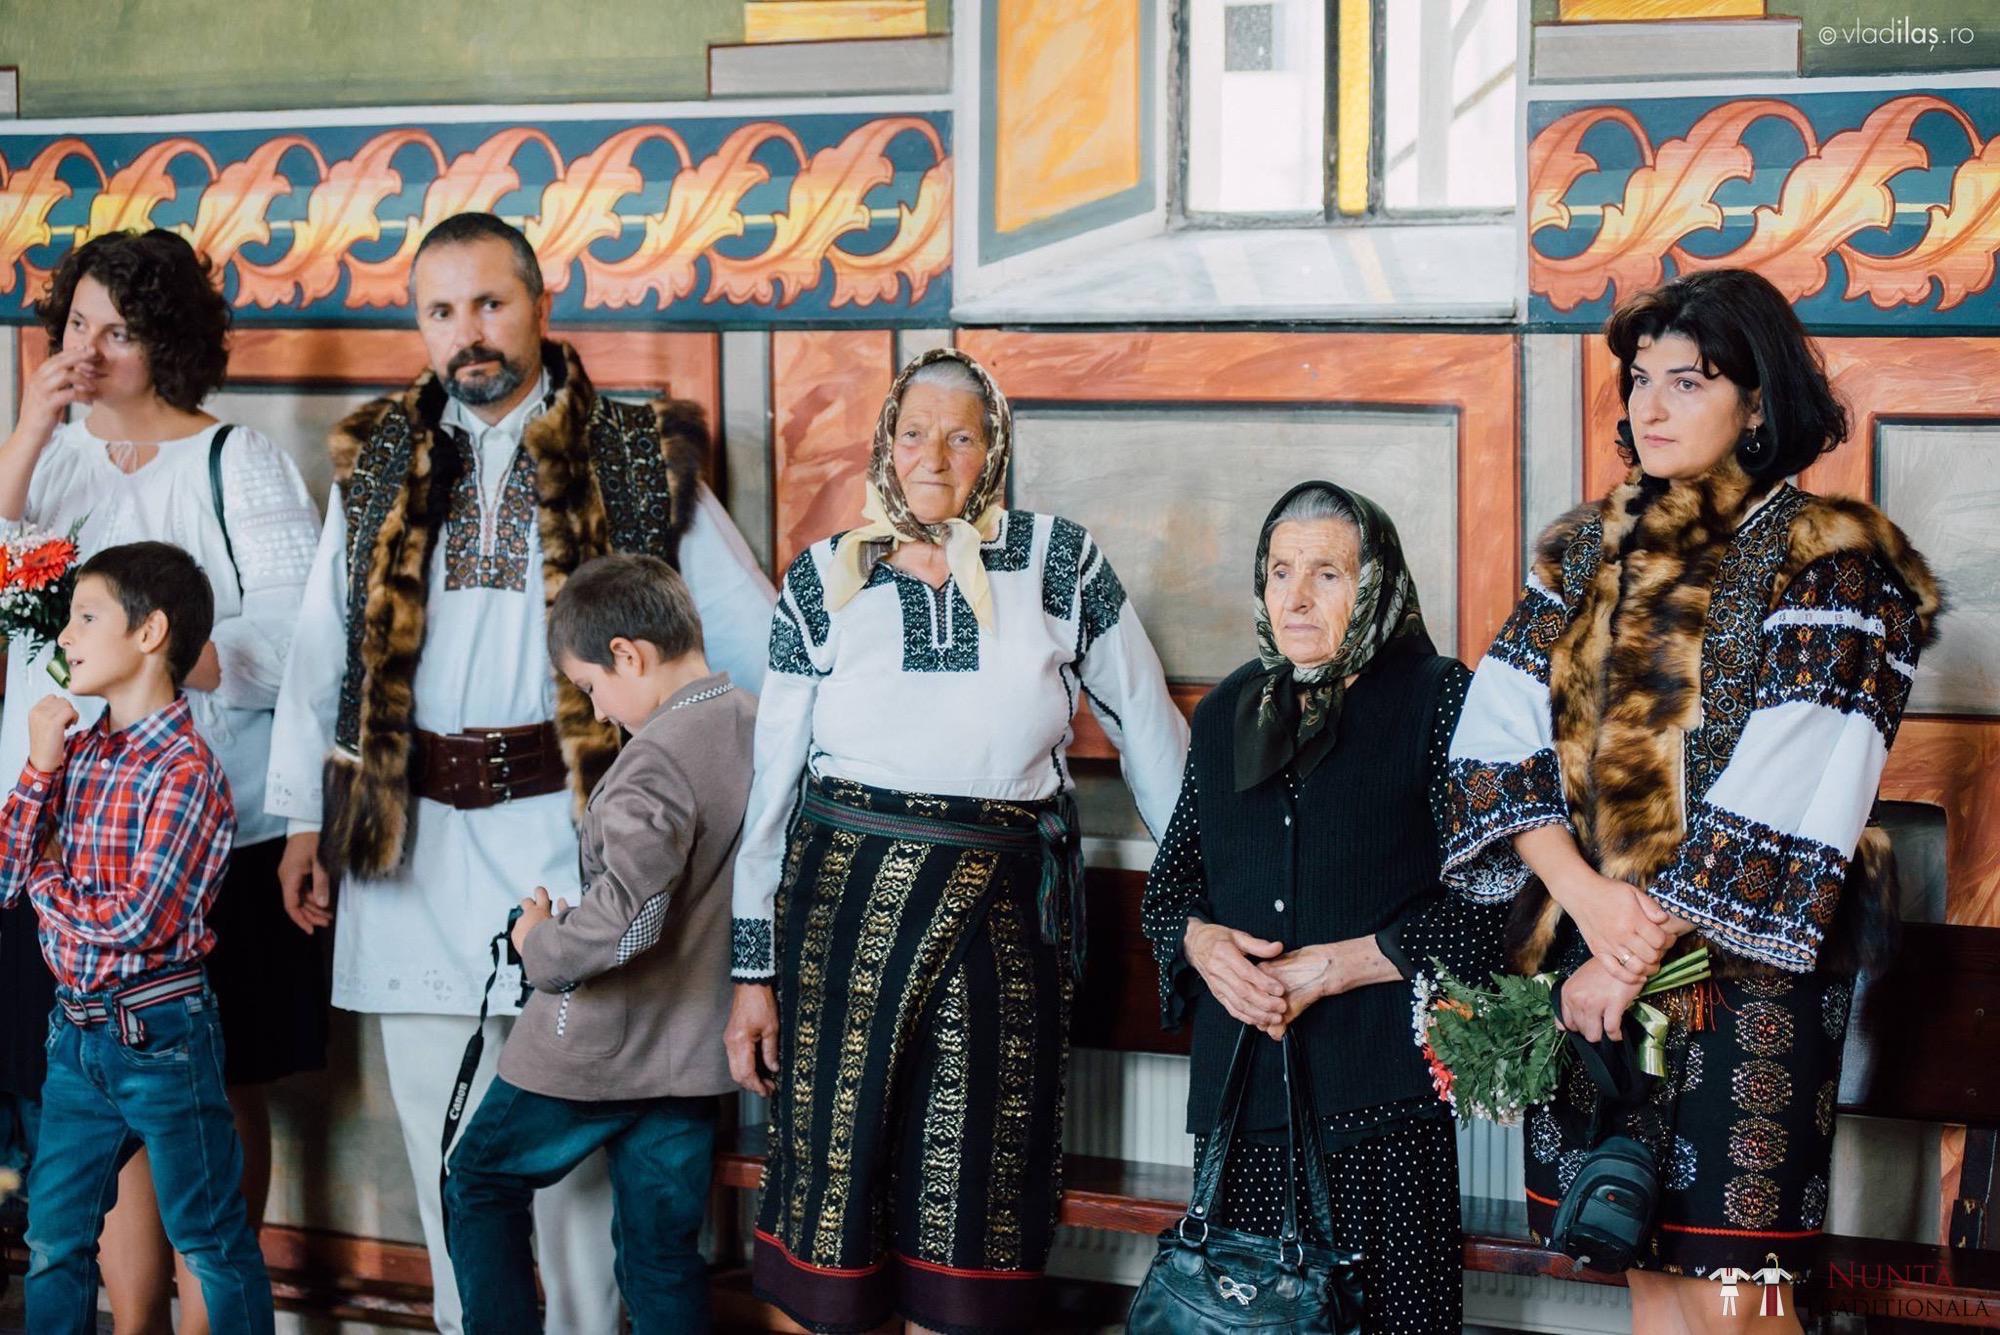 Povești Nunți Tradiționale - Oana și Sergiu - Nuntă tradițională-n Pojorâta, Bucovina 43